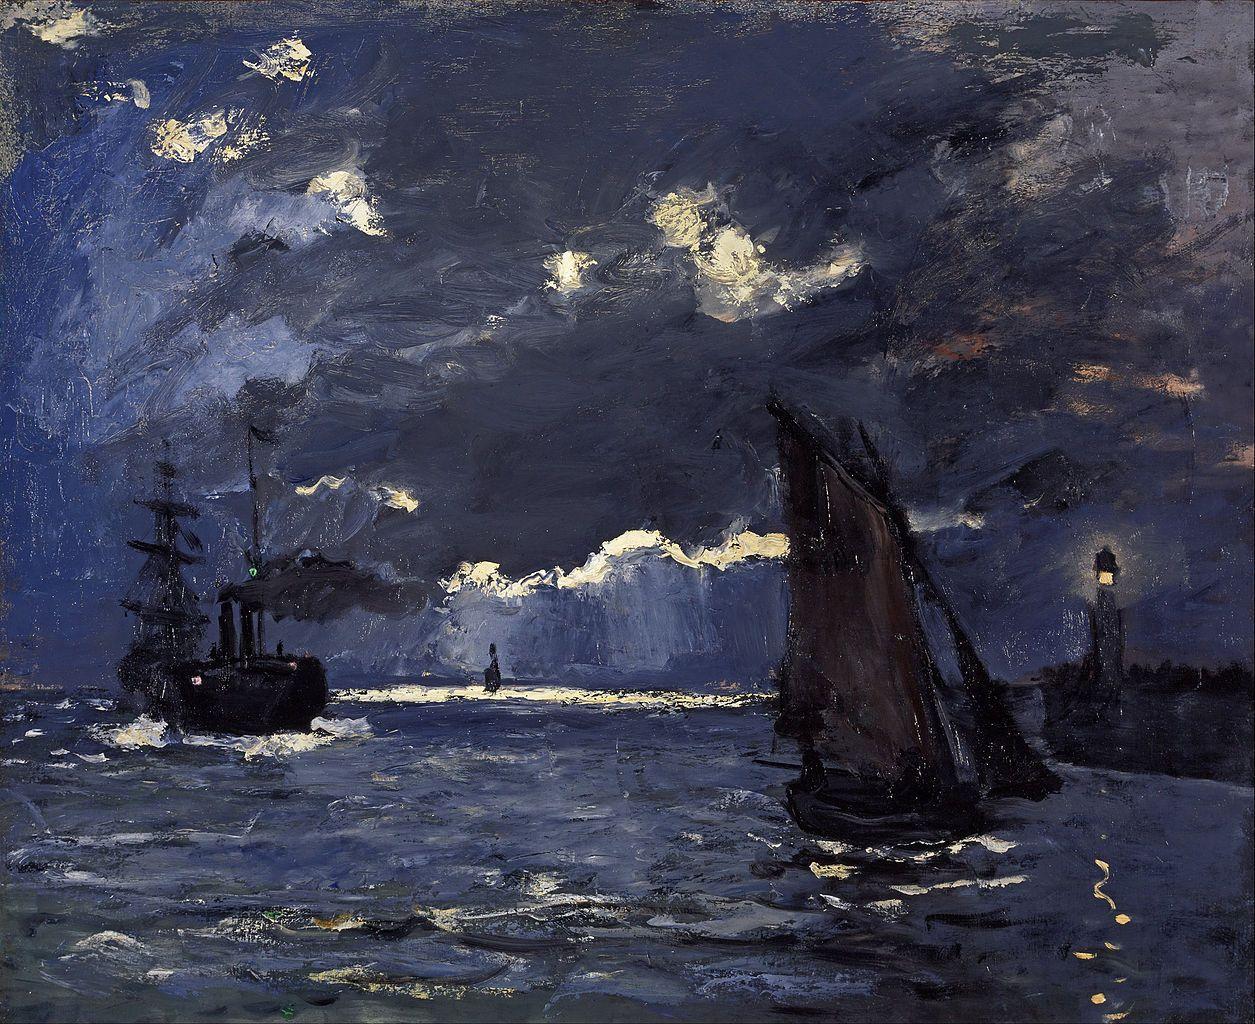 Un paesaggio marino con le barche al chiaro di luna di Claude Monet, 1864